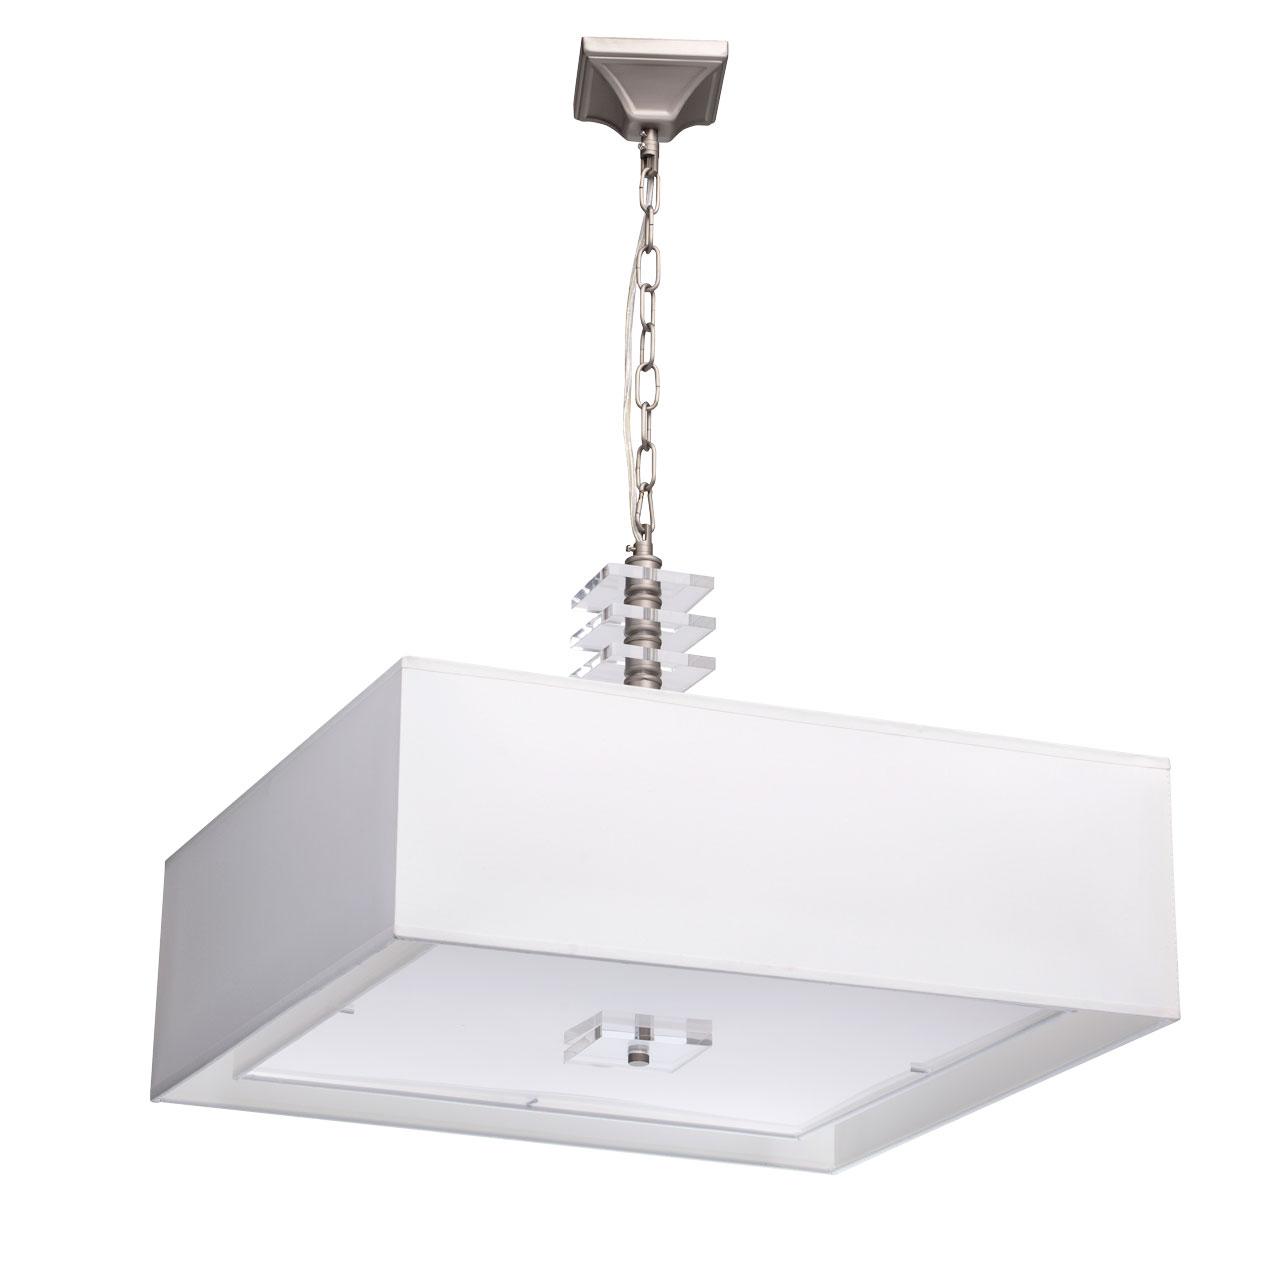 все цены на Подвесной светильник MW-Light Прато 4 101011706 онлайн